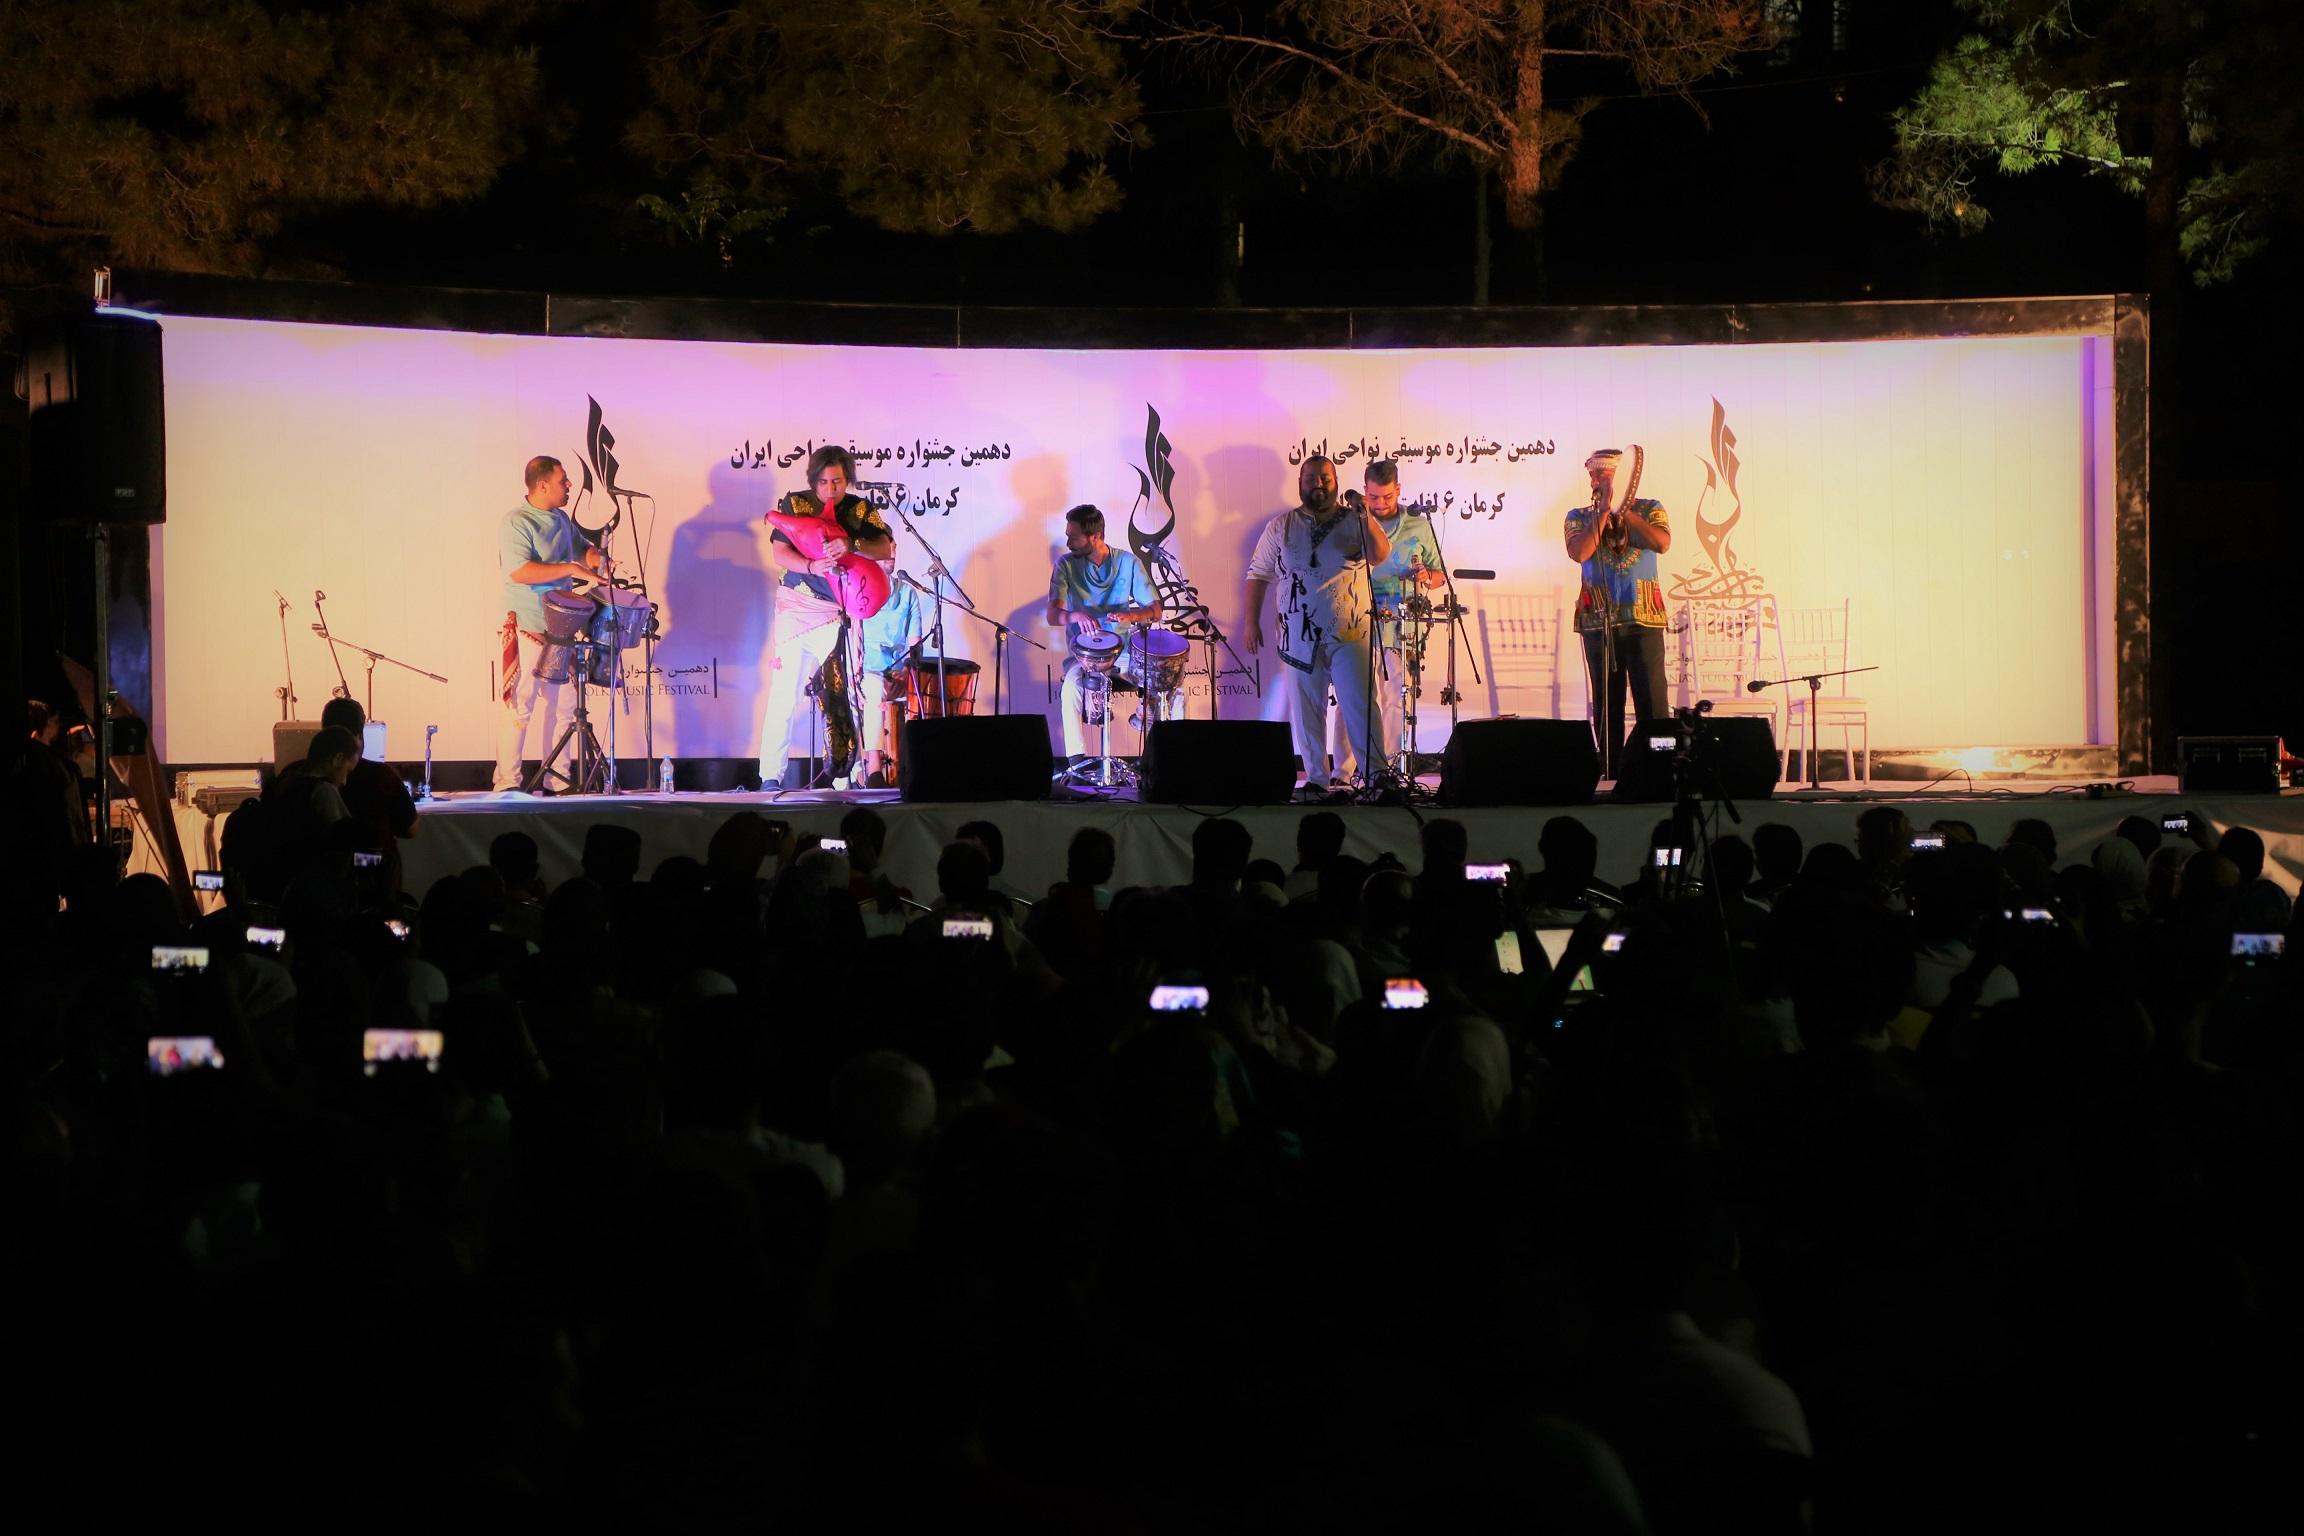 گزارش تصویری سایت خبری و تحلیلی «موسیقی ایرانیان»